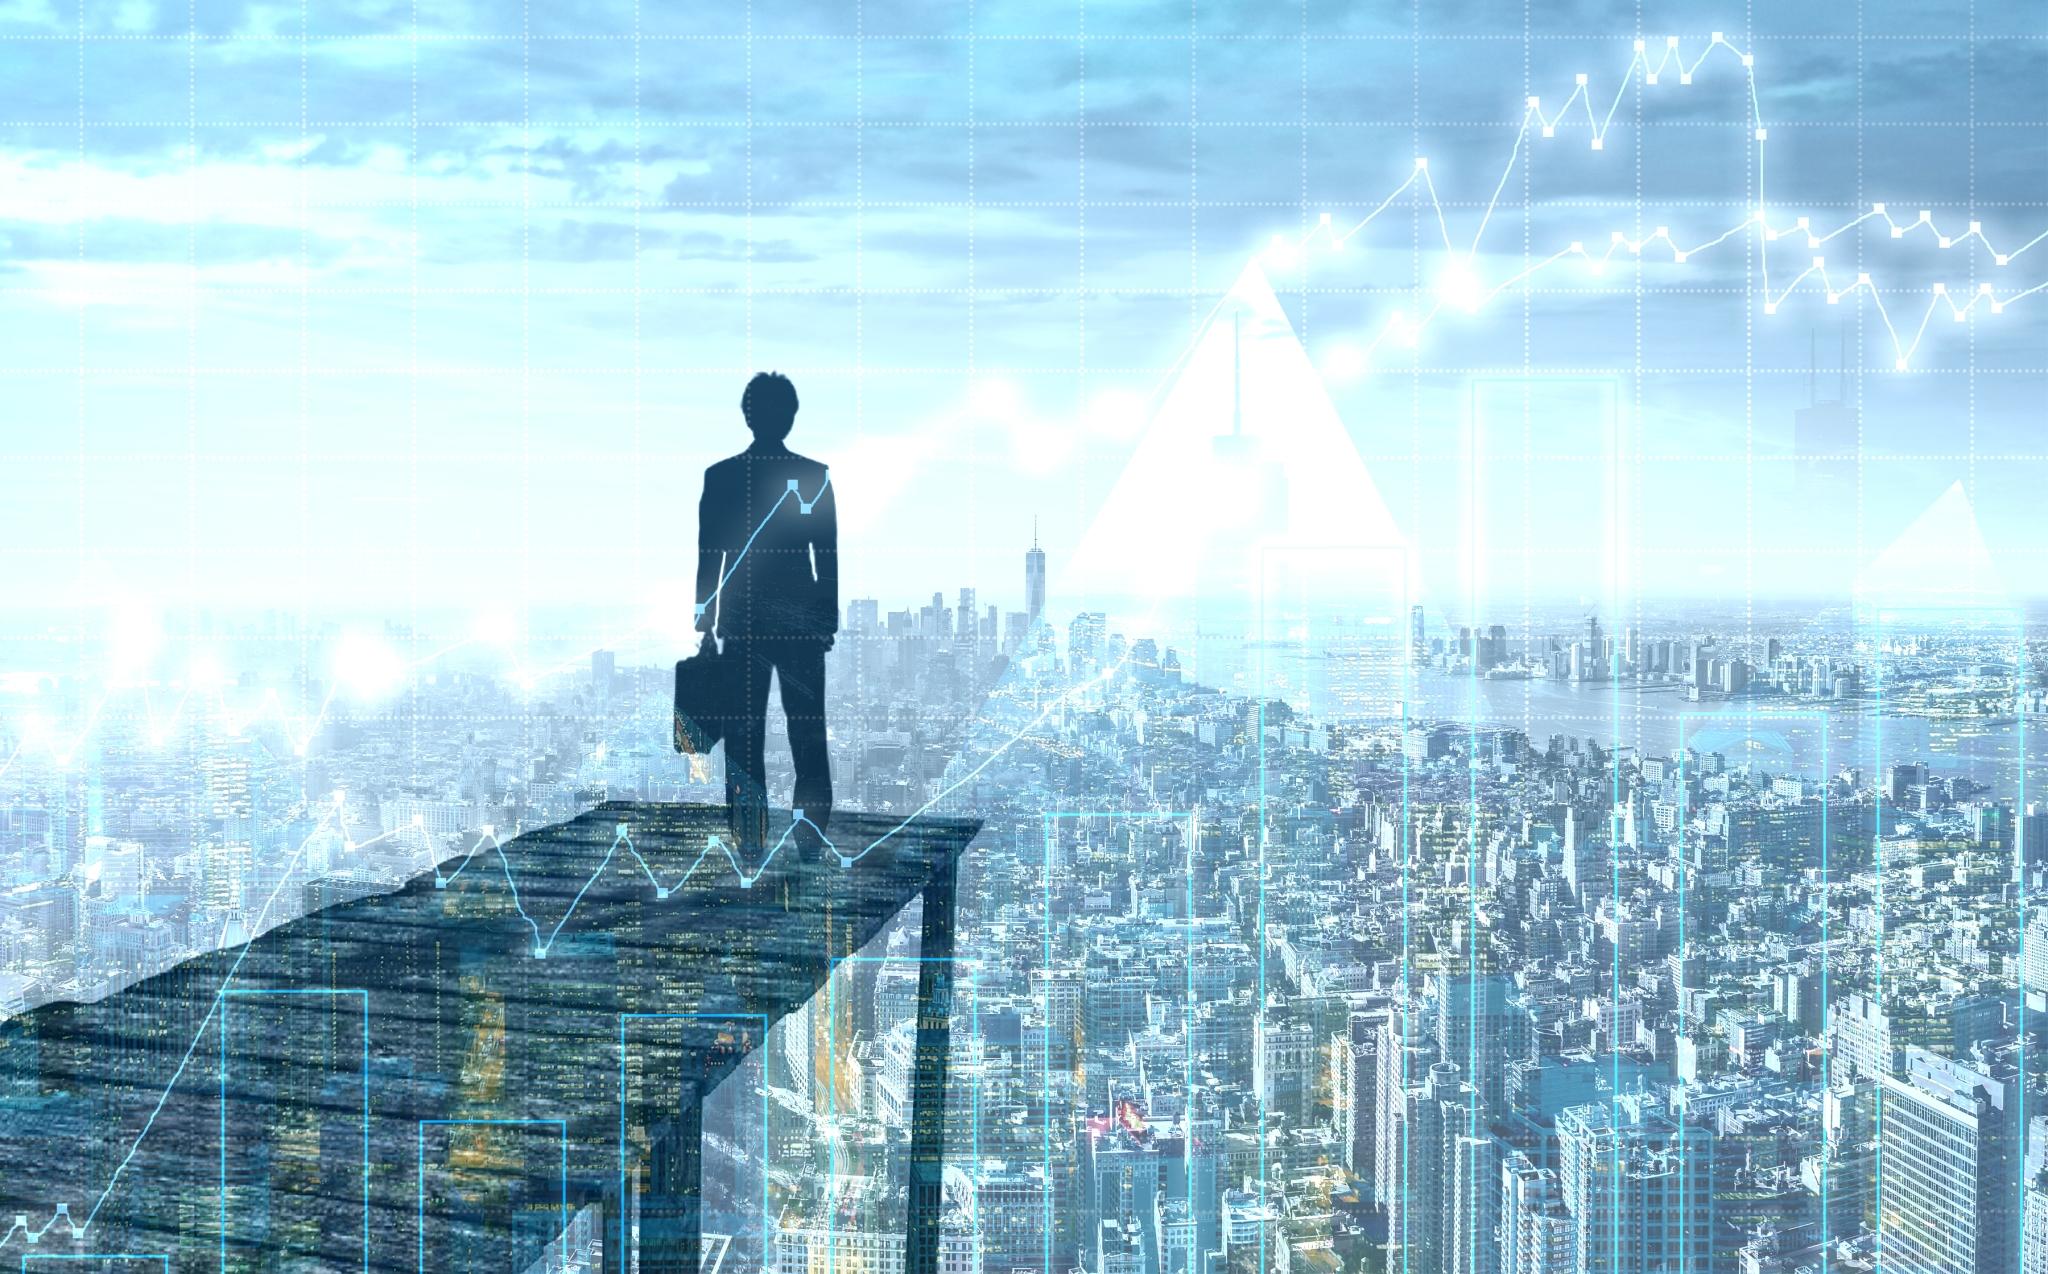 证监会主席助理张慎峰:把好企业留在国内 让好企业尽快上市